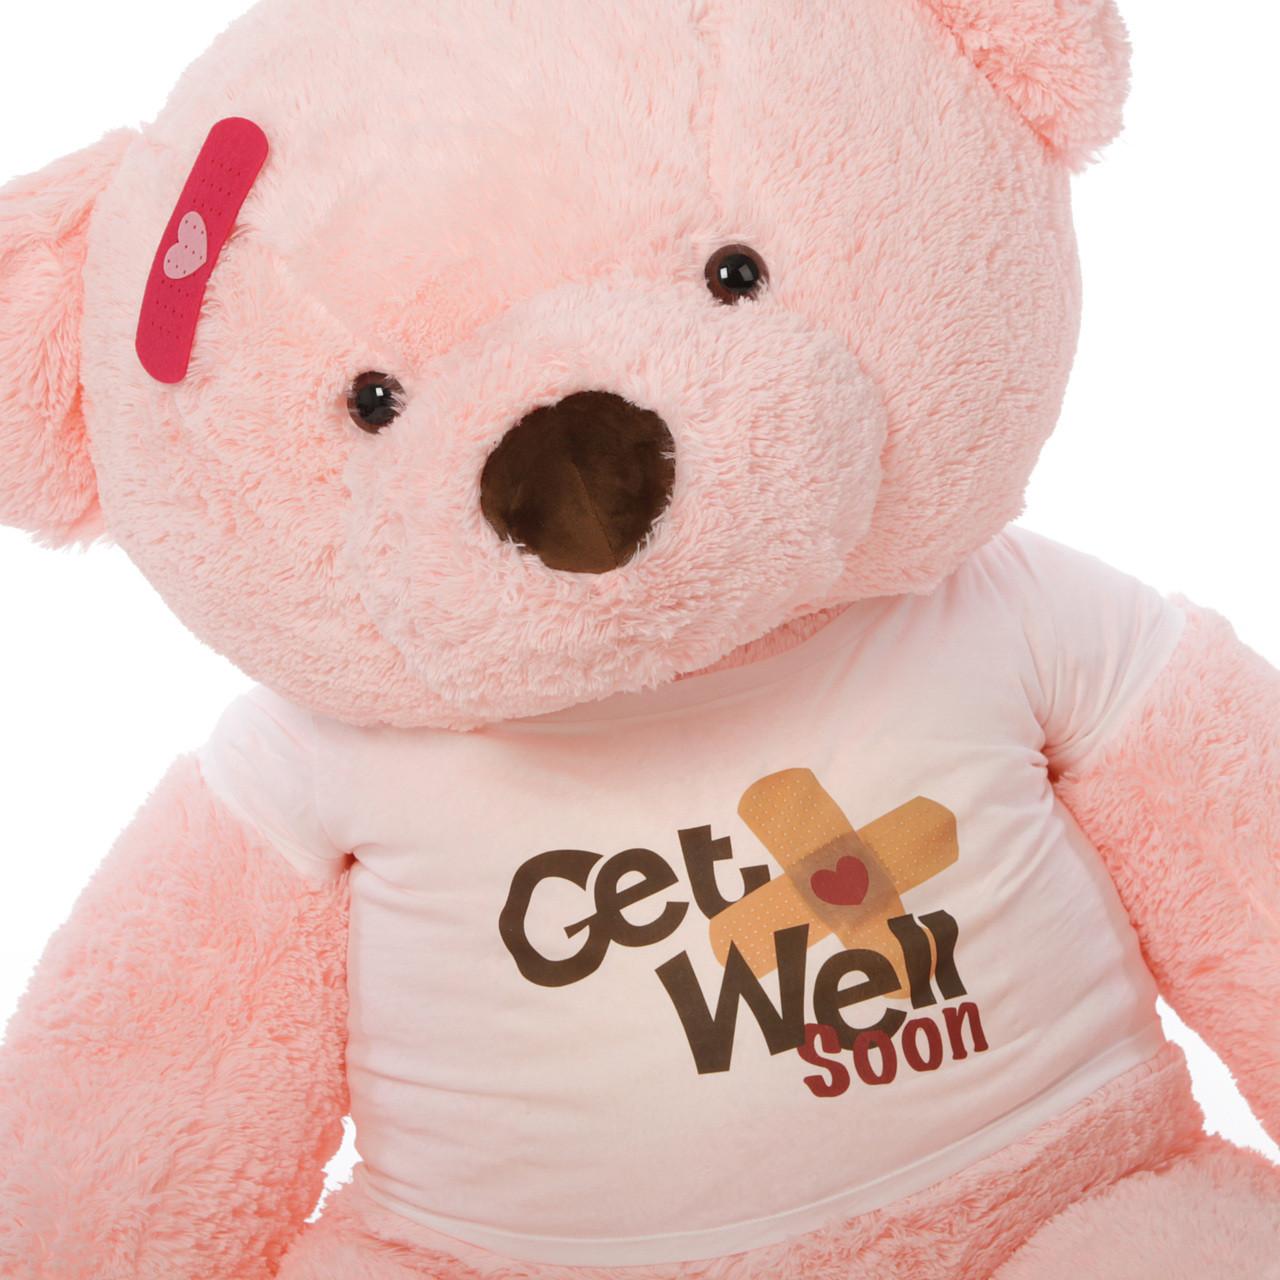 5ft Get Well Soon Pink Teddy Bear, Gigi Chubs (Close Up)